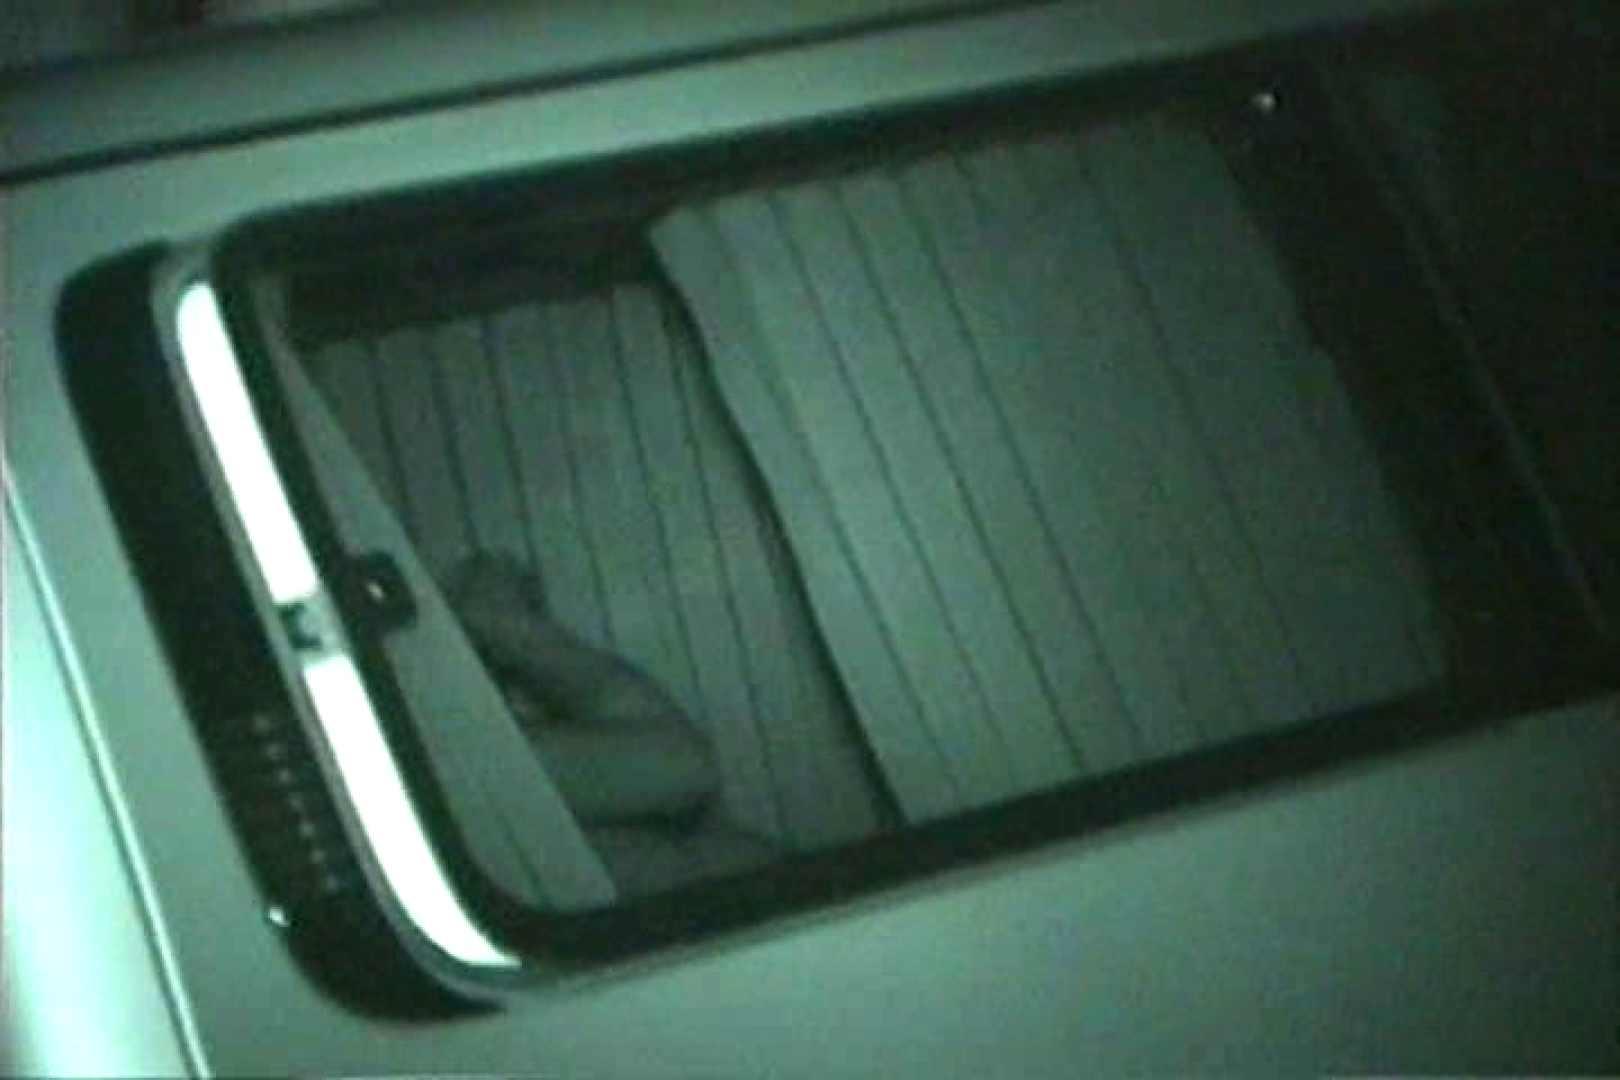 車の中はラブホテル 無修正版  Vol.27 カーセックス エロ画像 58画像 53